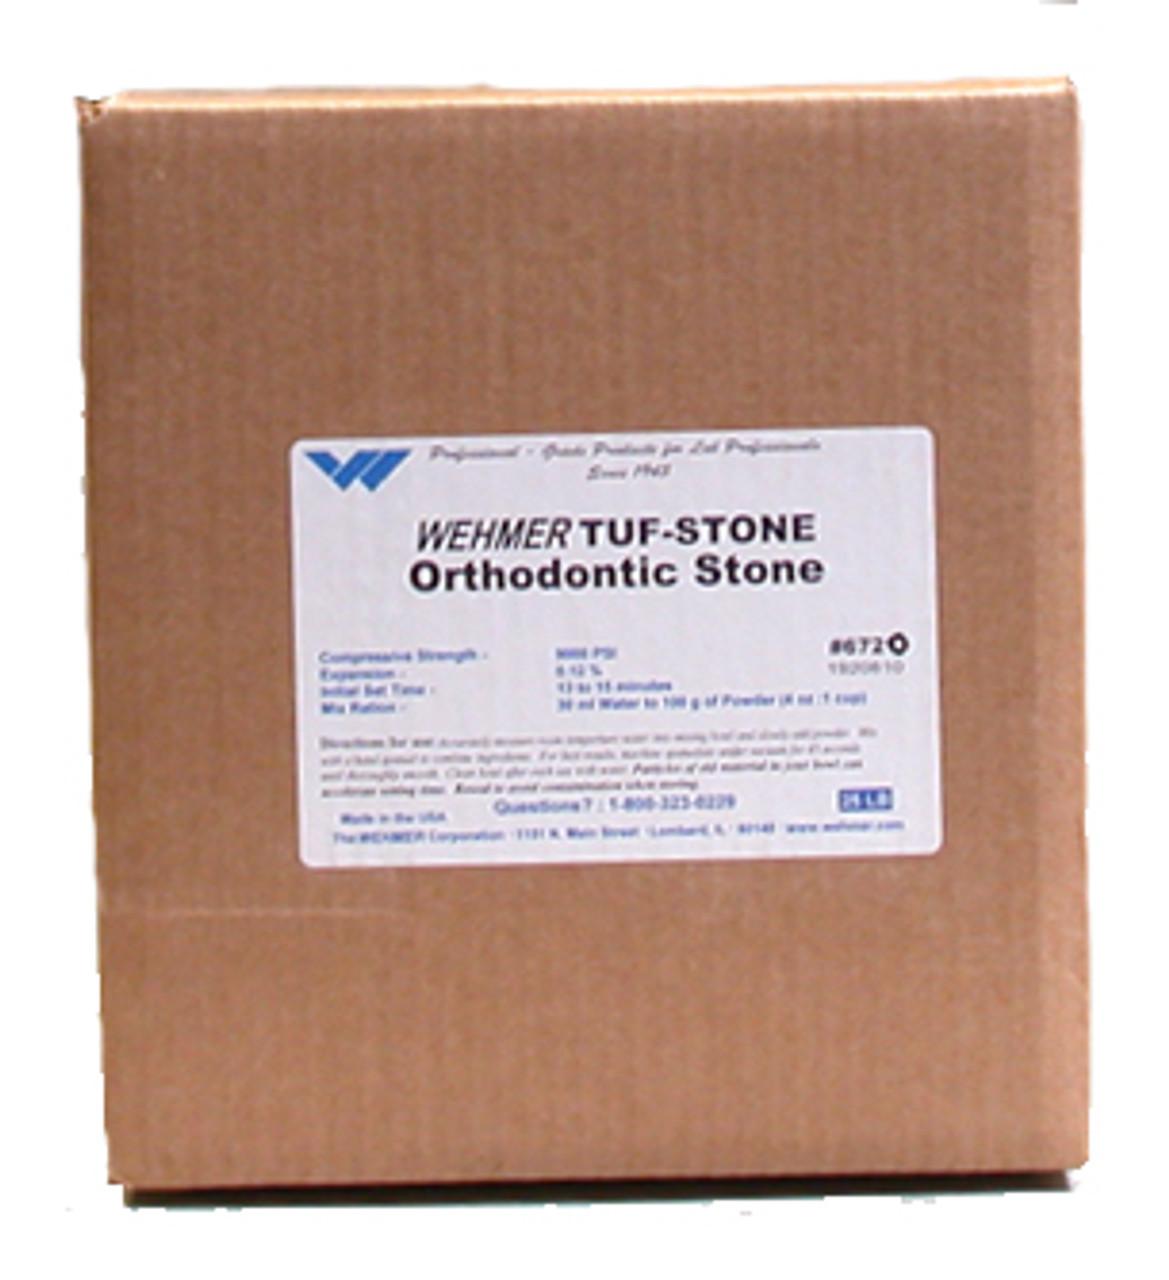 Tuf-Ston White Orthodontic Stone - 25 lbs